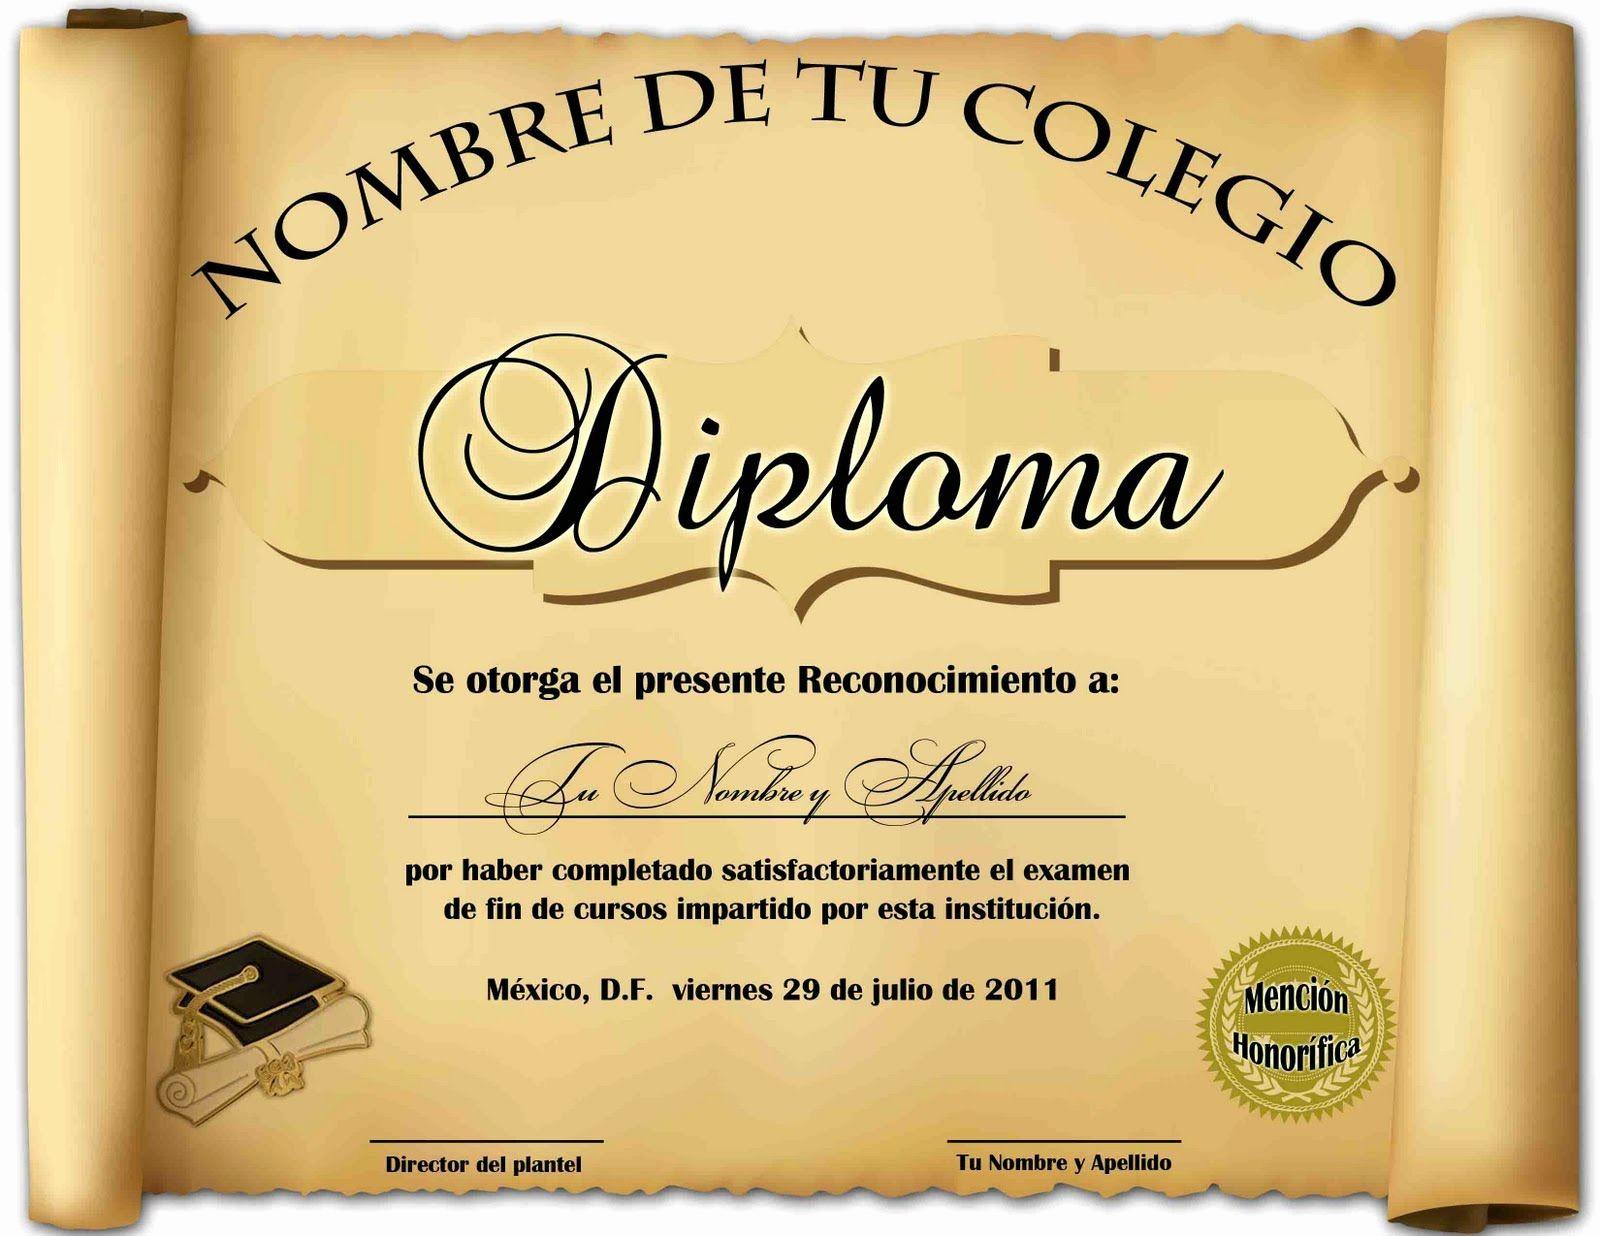 Formatos De Diplomas Por Aprovechamiento Lovely Diplomas De Reconocimiento En Blanco Diplomas